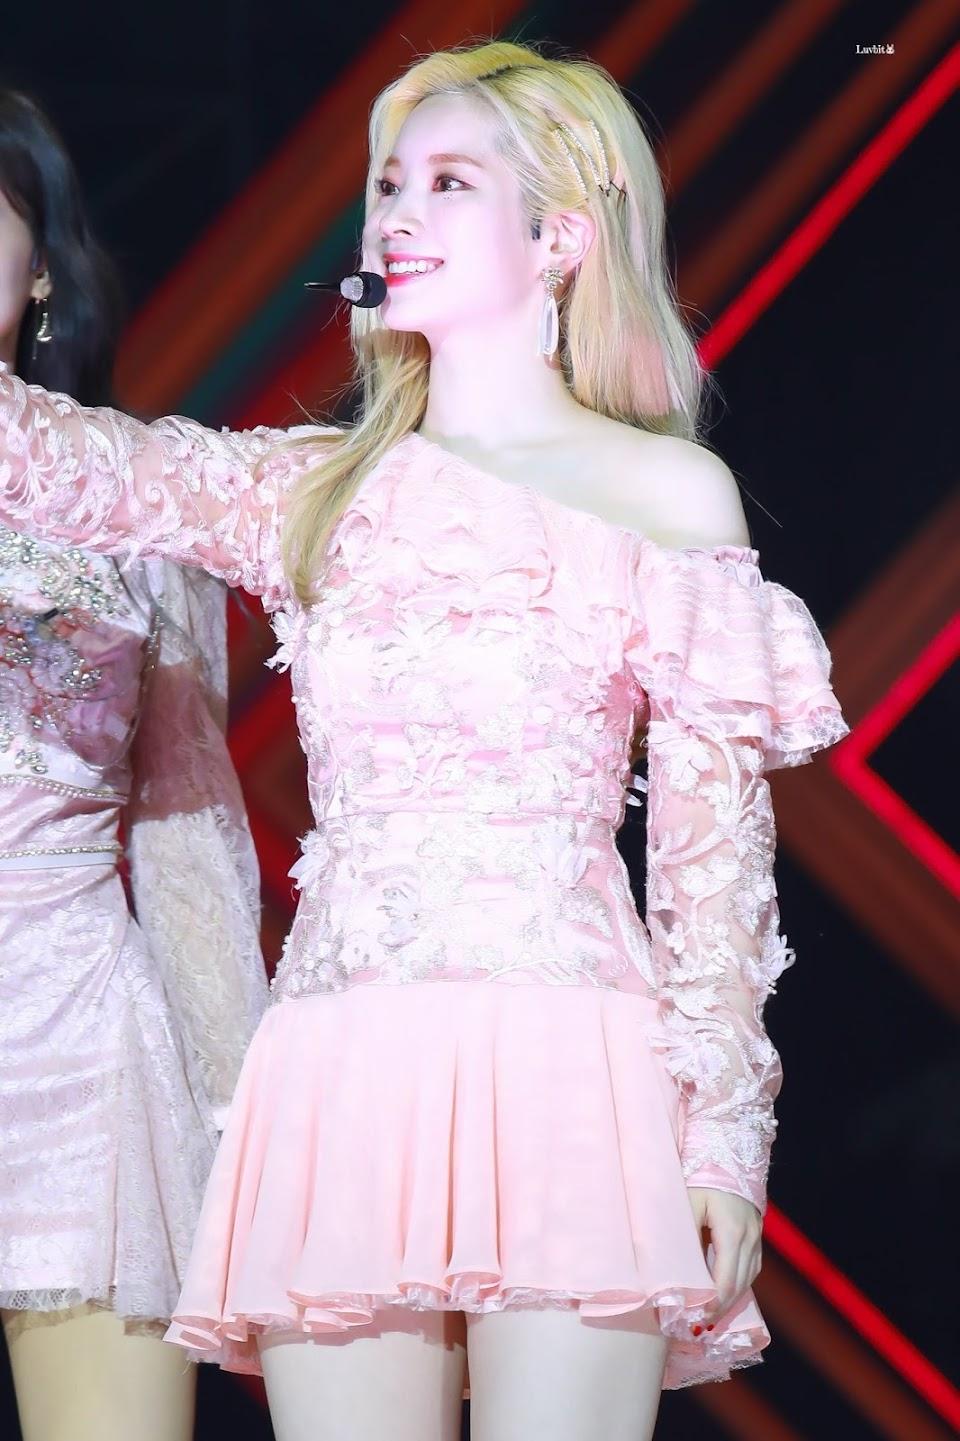 dahyun shoulder 18